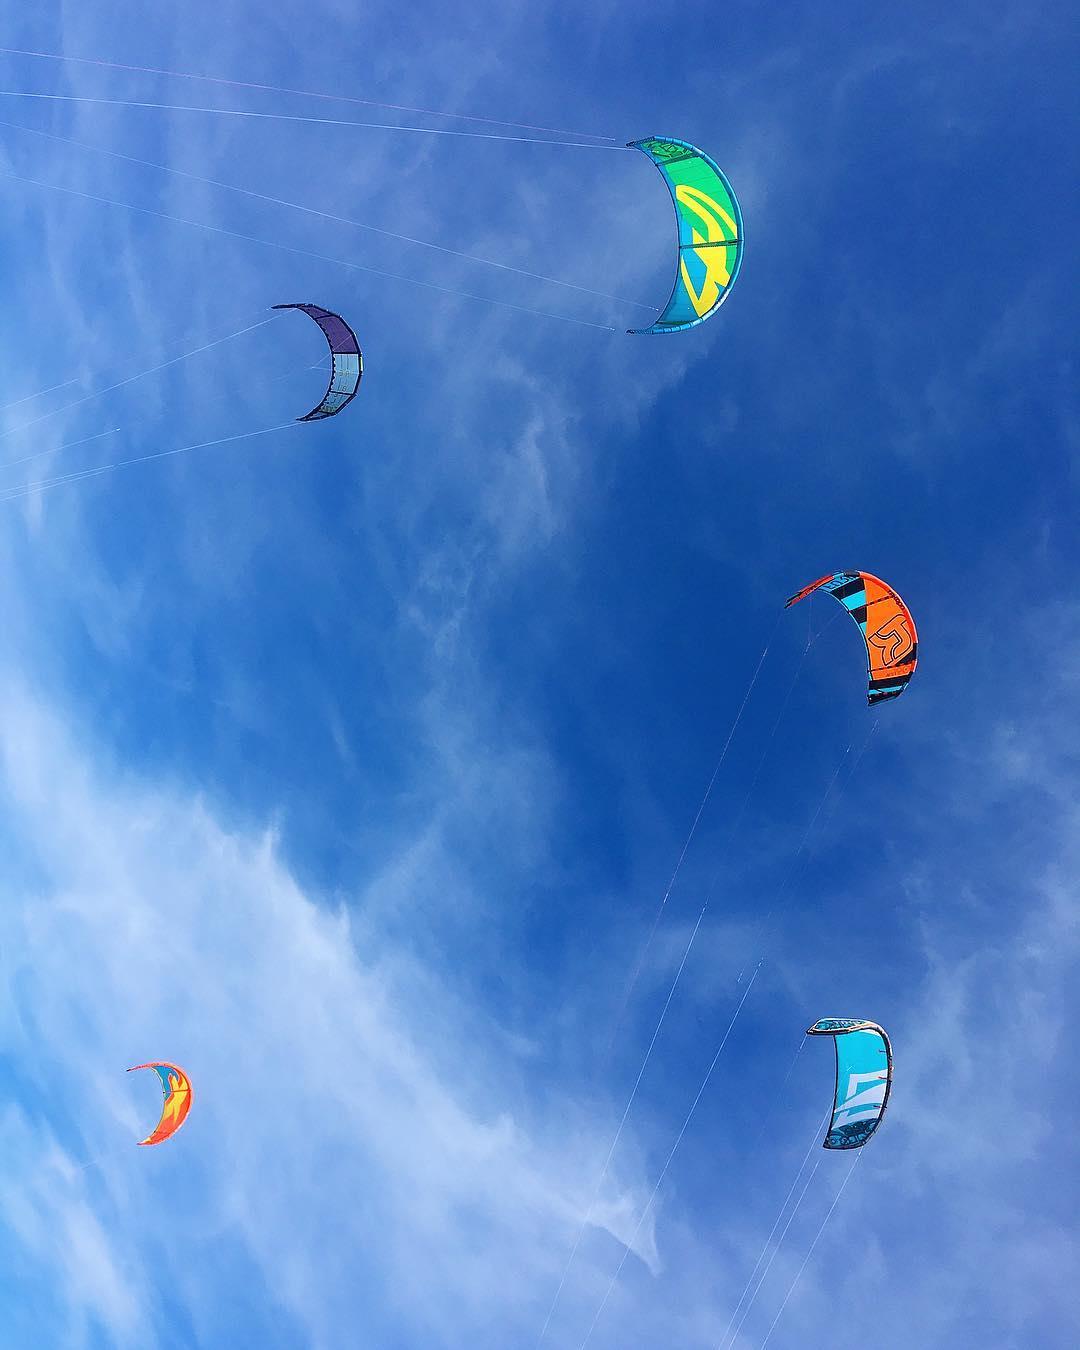 〰 K I T E S U R F 〰  ________________ #plage #beachlover #beachlover #carnon #pintademontpellier #blogtravel #travelblog #travelblogger #travelphotography #travel #beachday #montpellier #kitesurf #kitesurfing #surf